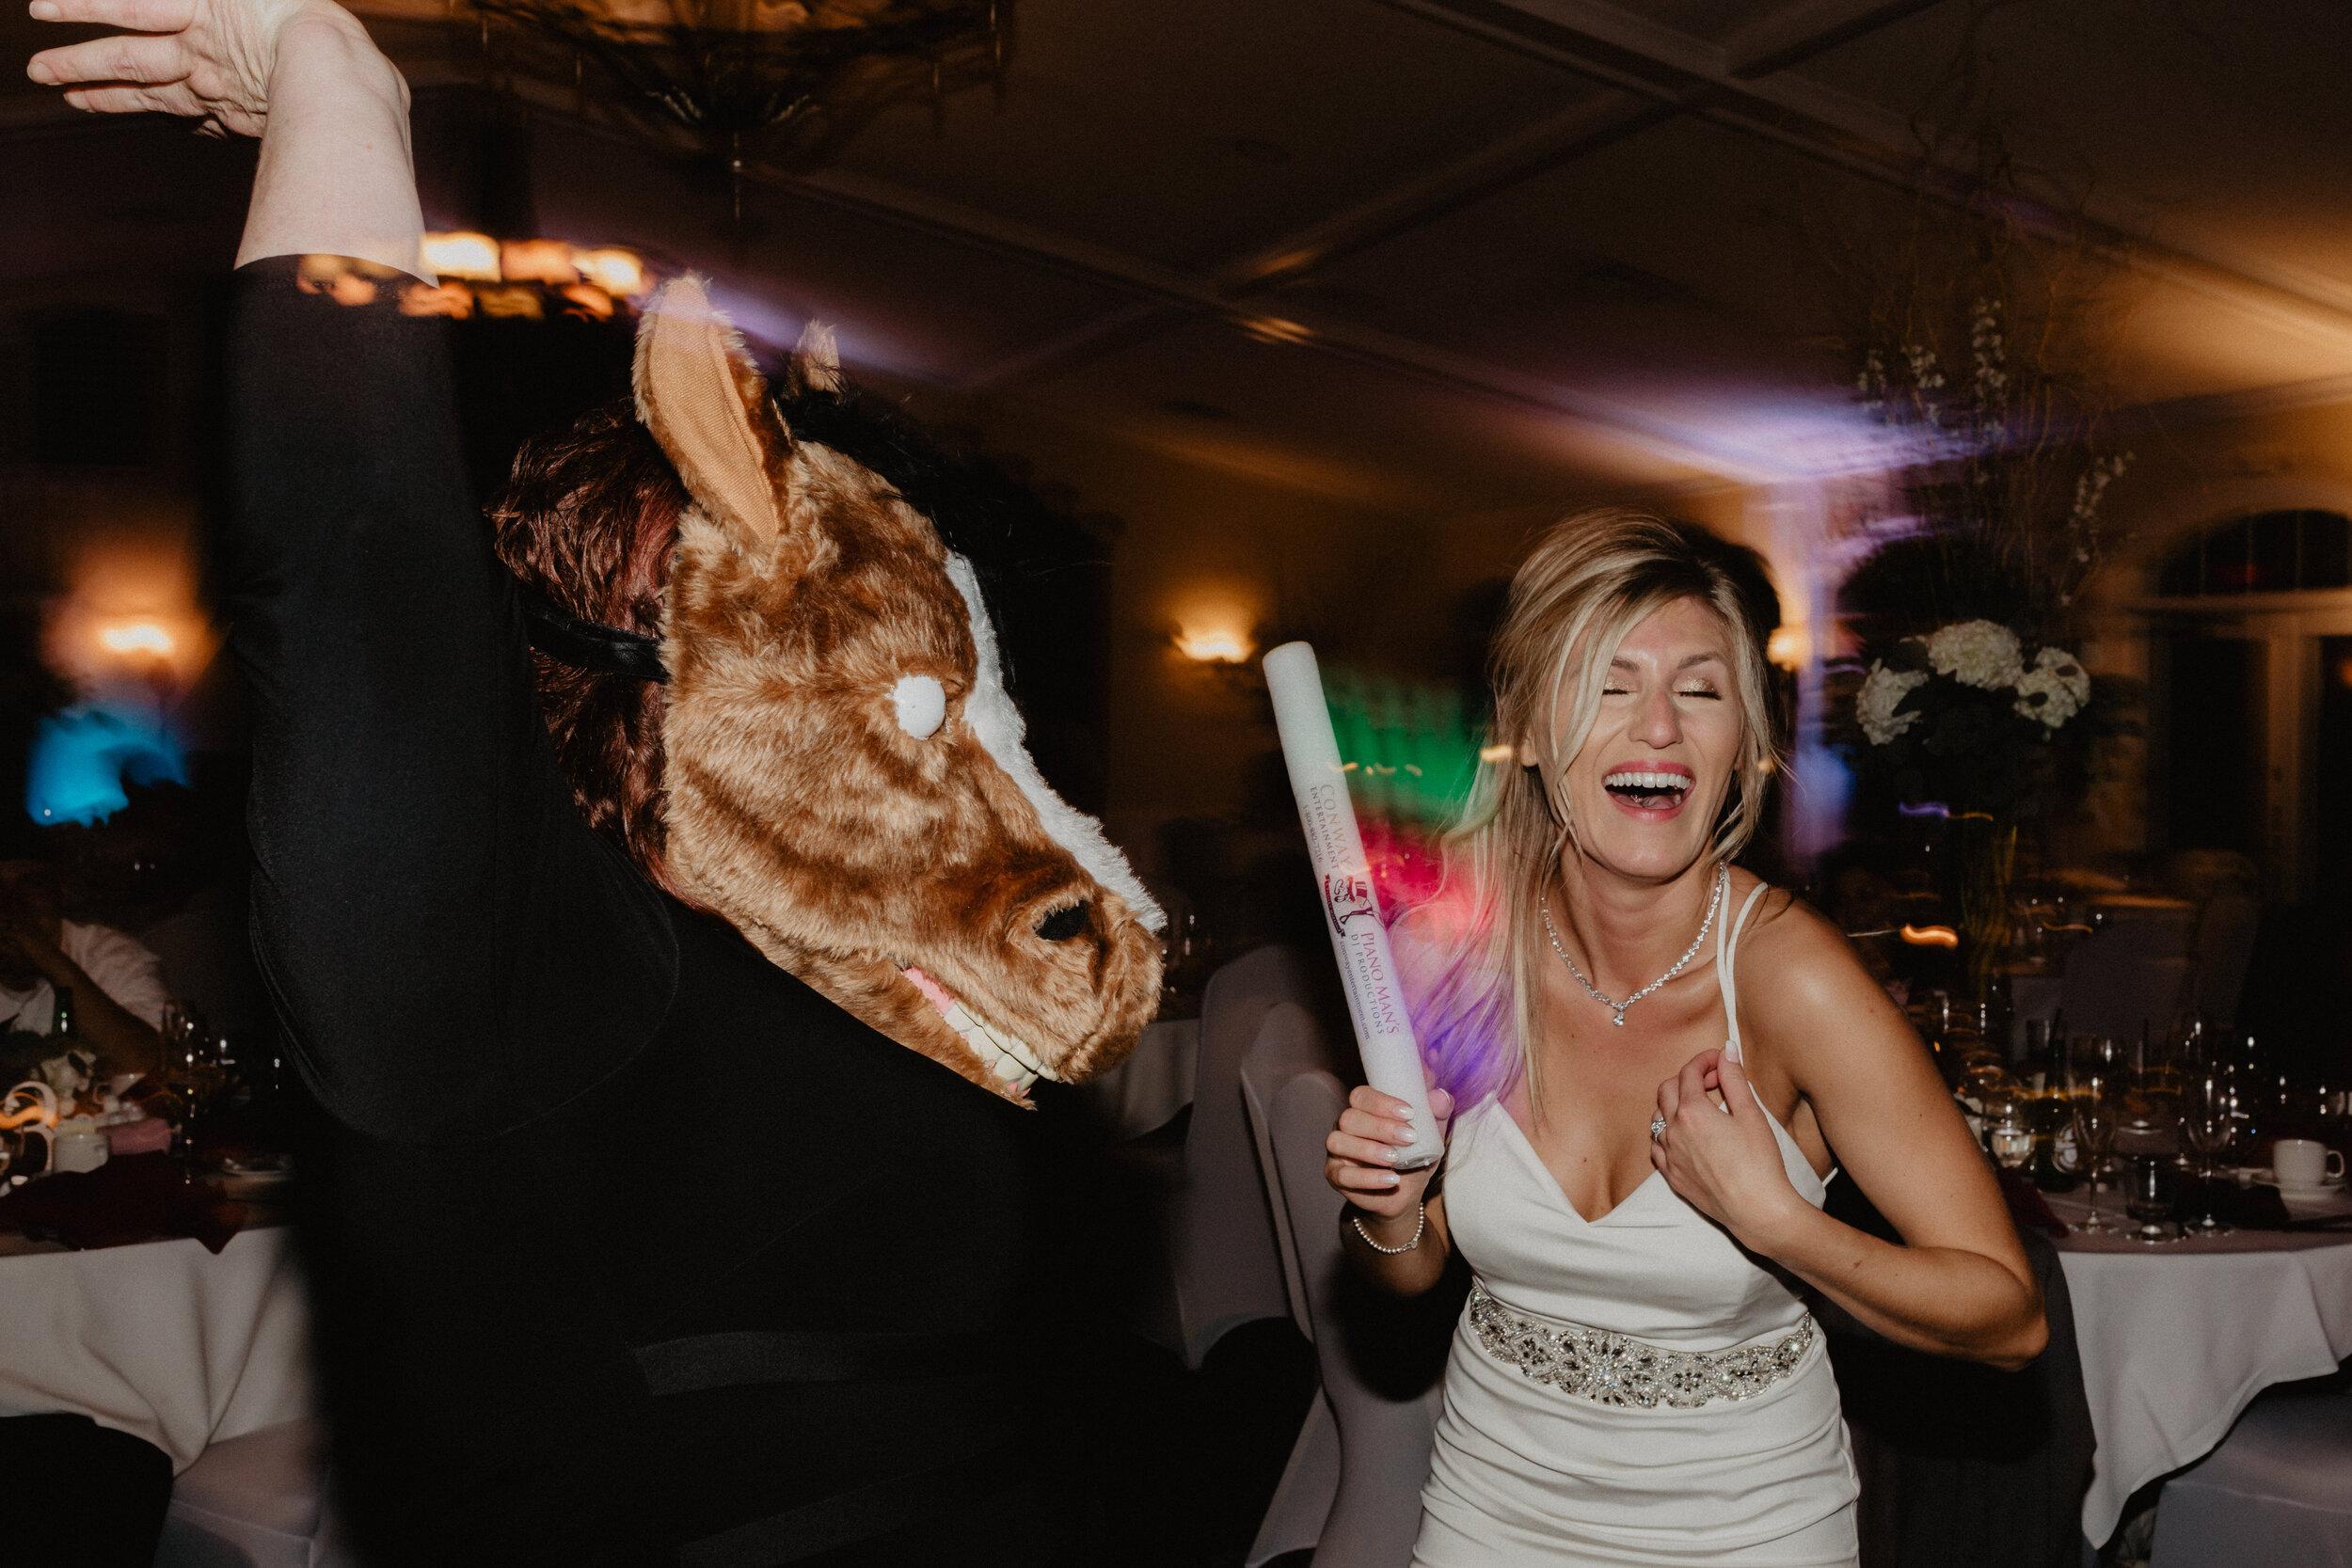 schenectady-new-york-wedding066.jpg